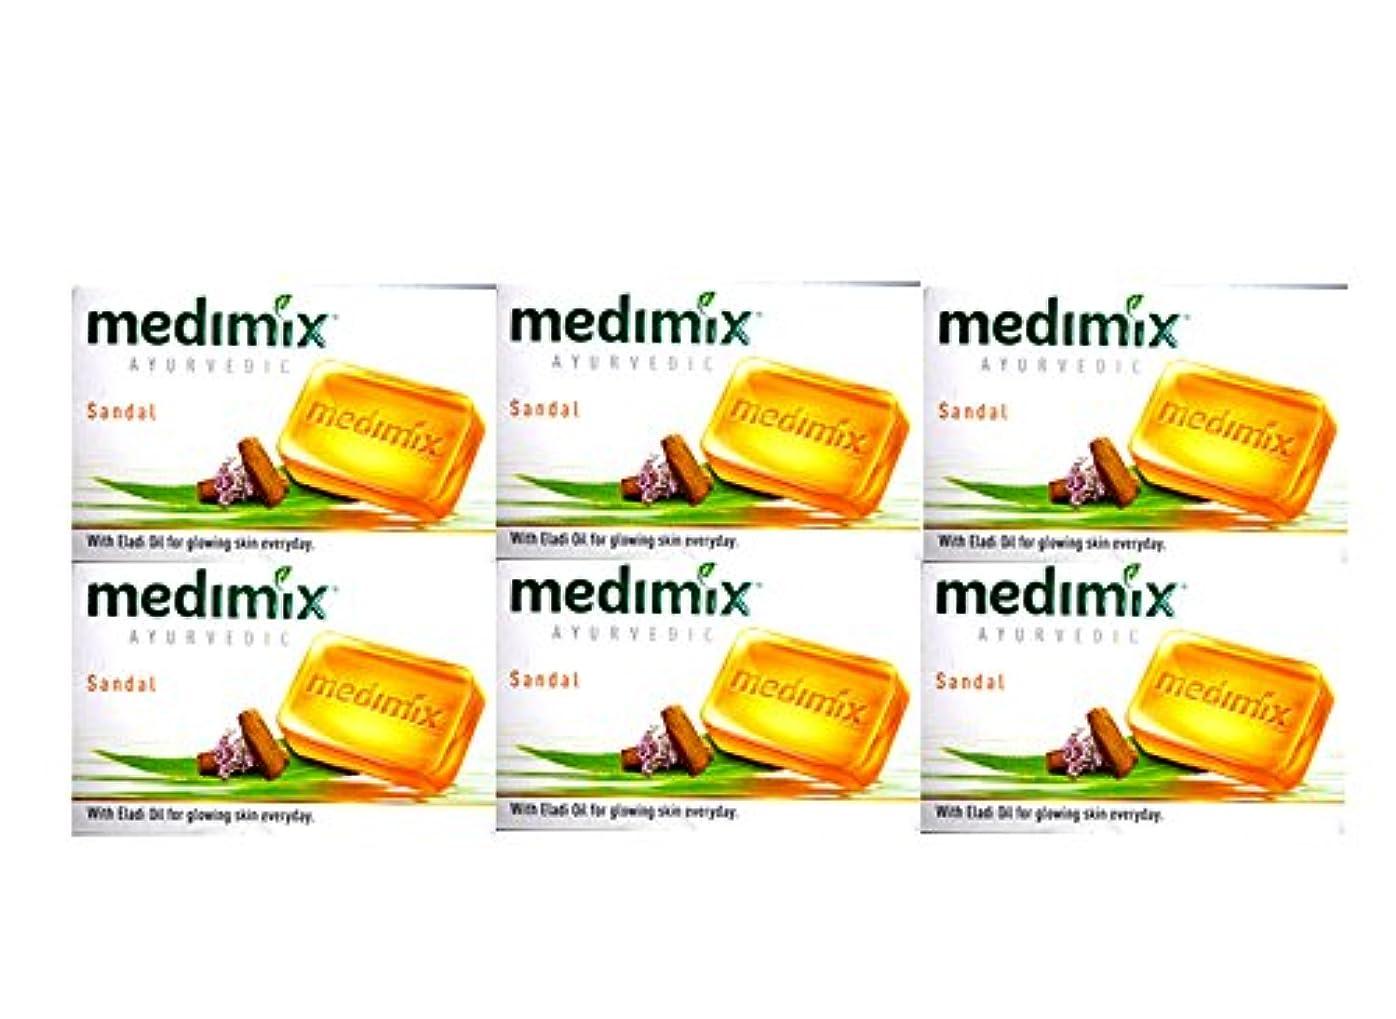 びんであること破裂MEDIMIX メディミックス アーユルヴェディックサンダル 6個セット(medimix AYURVEDEC sandal Soap) 125g